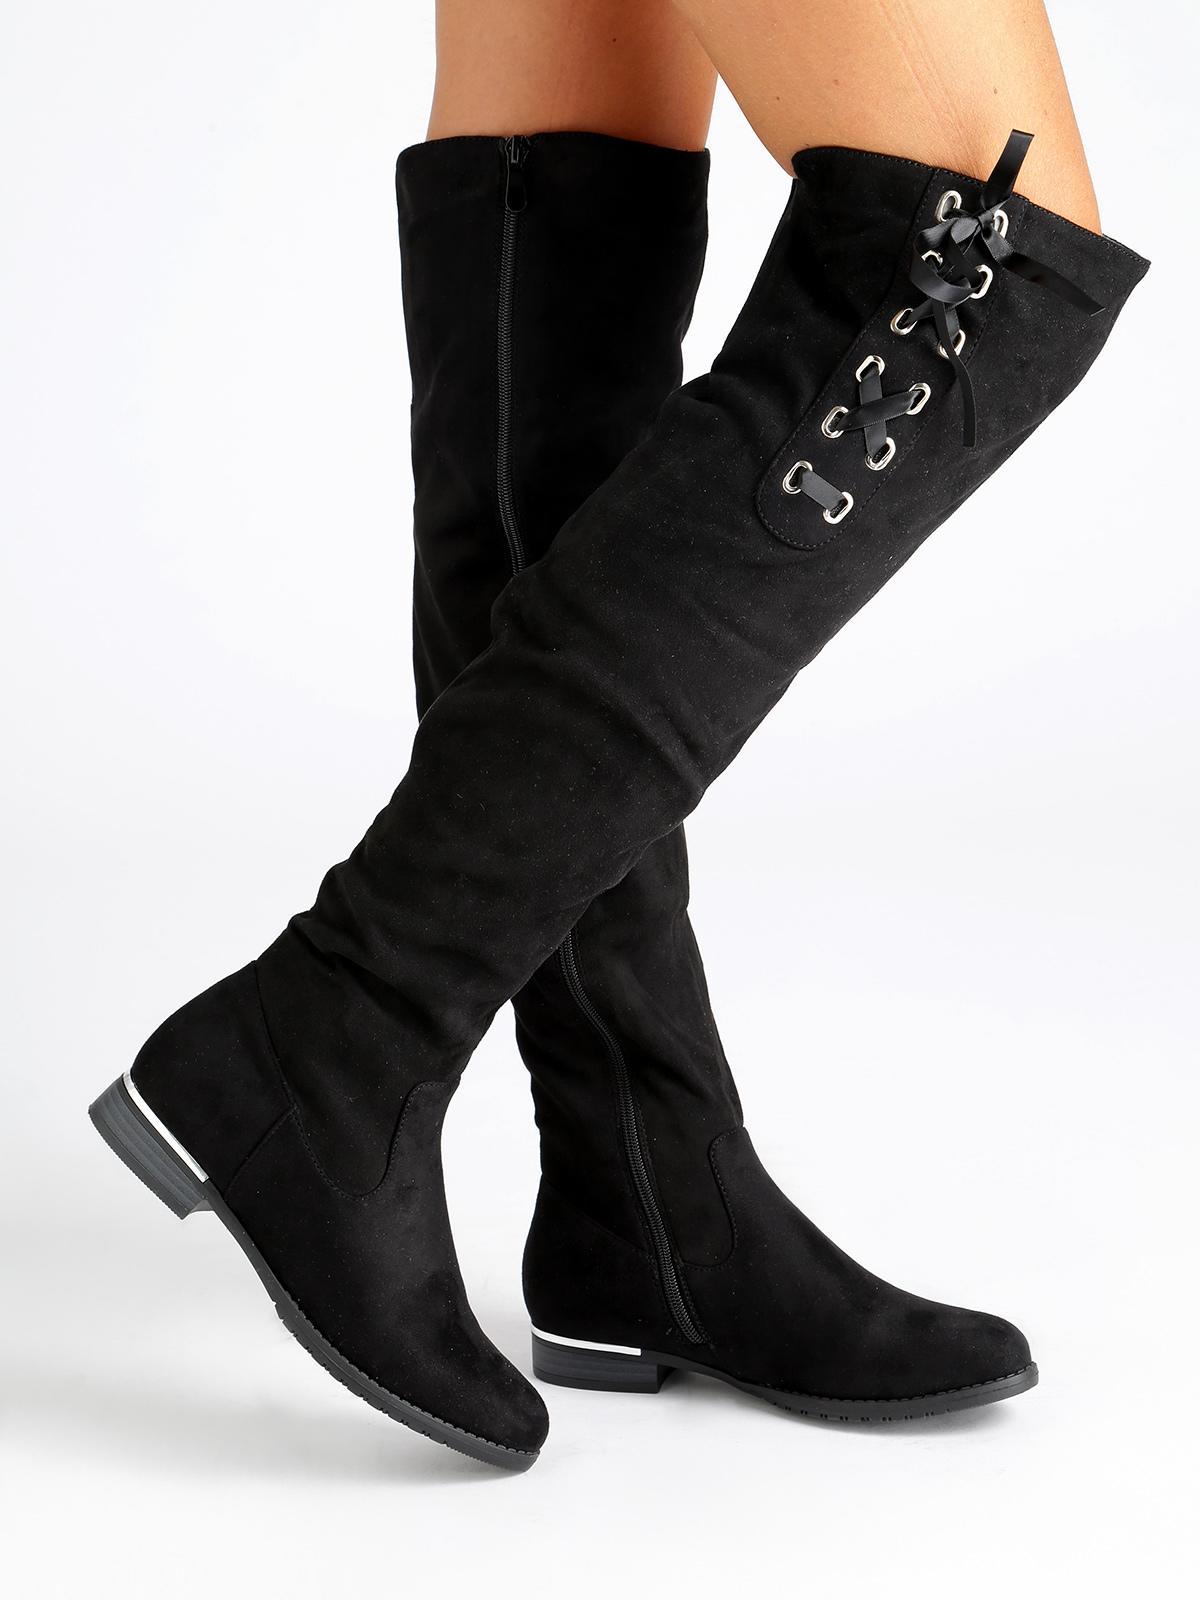 Stivali alti con intrecci su gambale nero lisa w | MecShopping